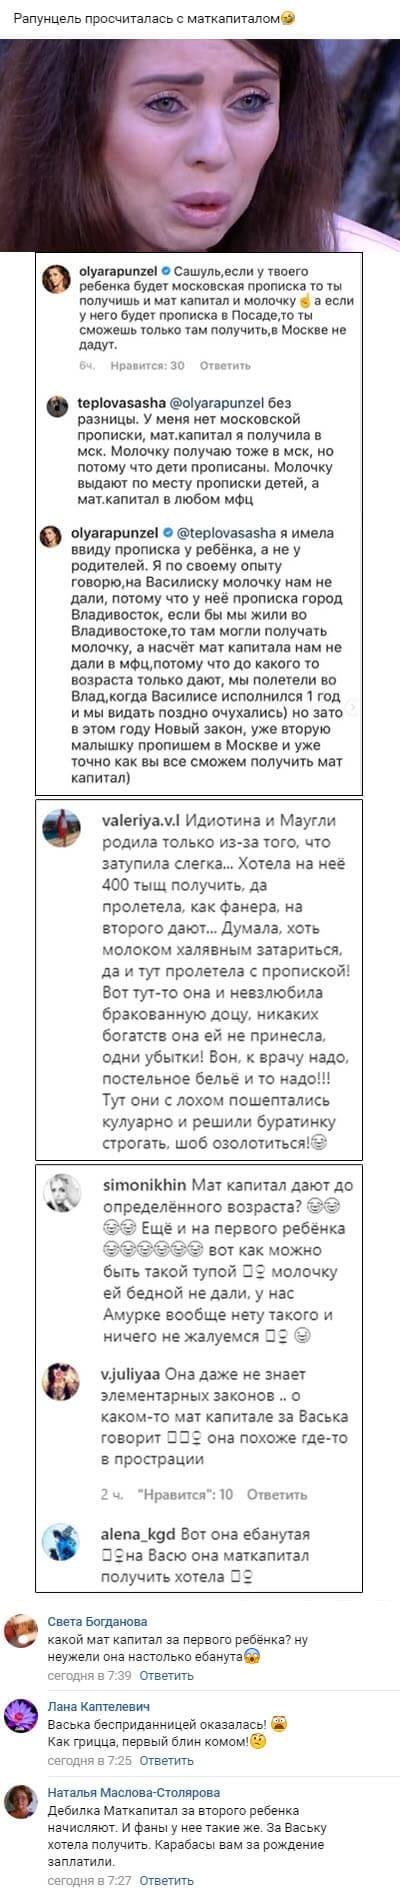 Ольга Рапунцель пролетела и с материнским капиталом и молочной кухней